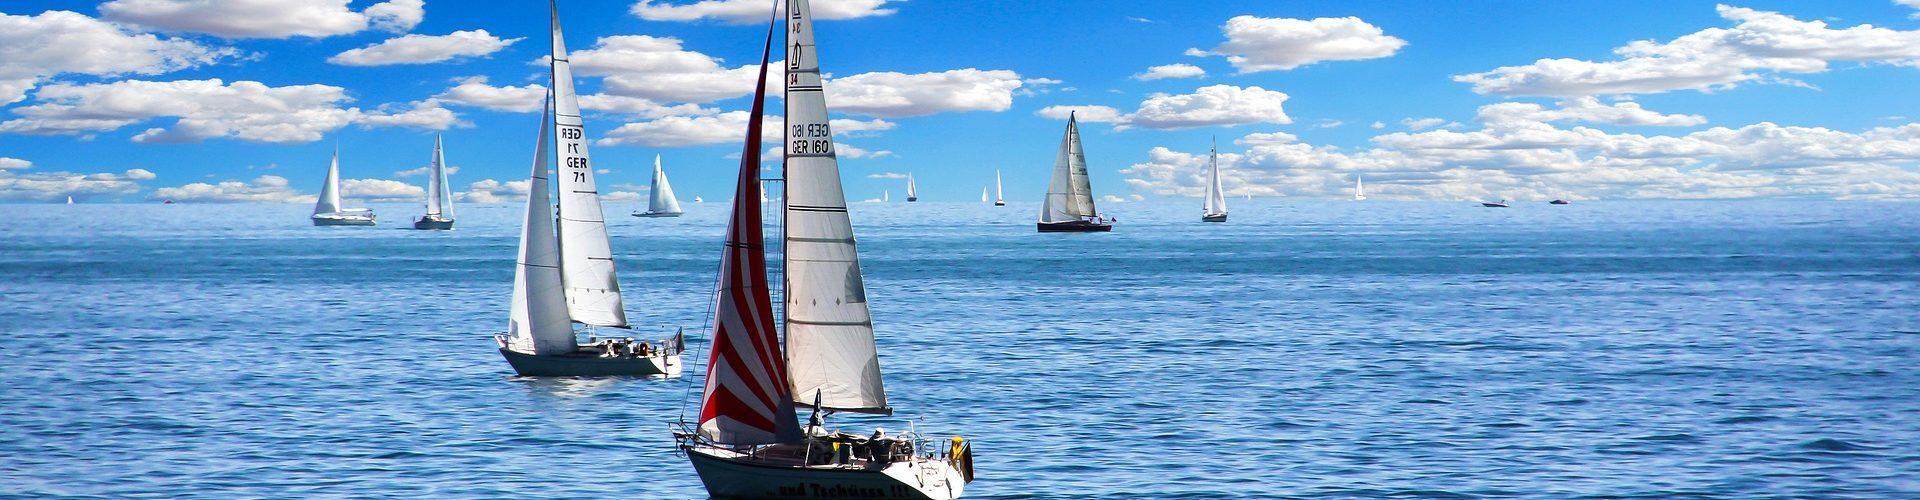 segeln lernen in Wesenberg segelschein machen in Wesenberg 1920x500 - Segeln lernen in Wesenberg